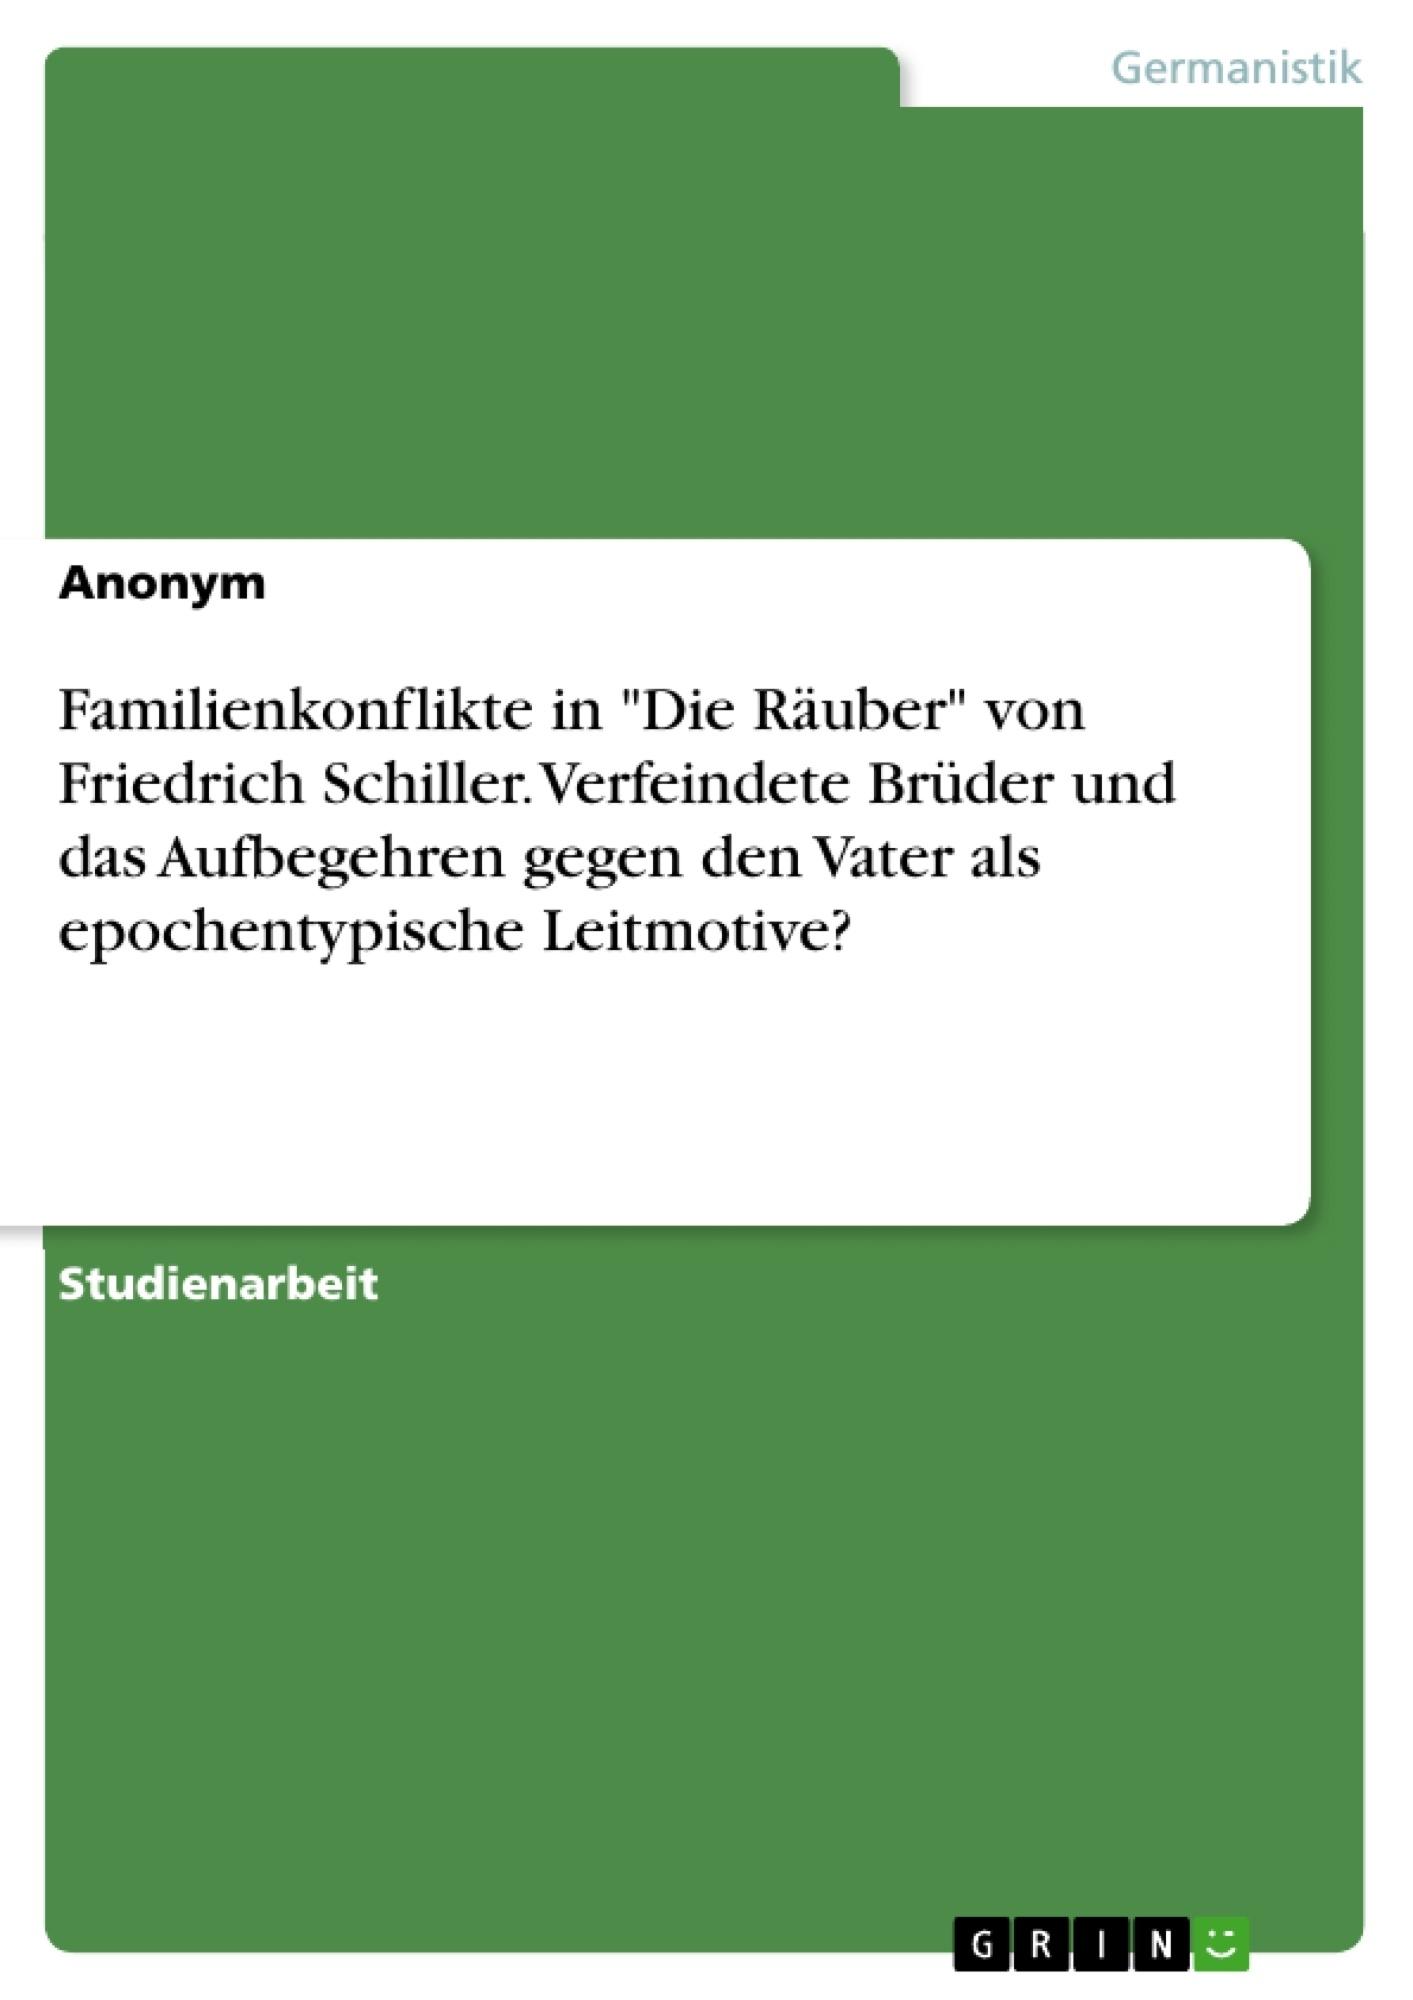 """Titel: Familienkonflikte in """"Die Räuber"""" von Friedrich Schiller. Verfeindete Brüder und das Aufbegehren gegen den Vater als epochentypische Leitmotive?"""